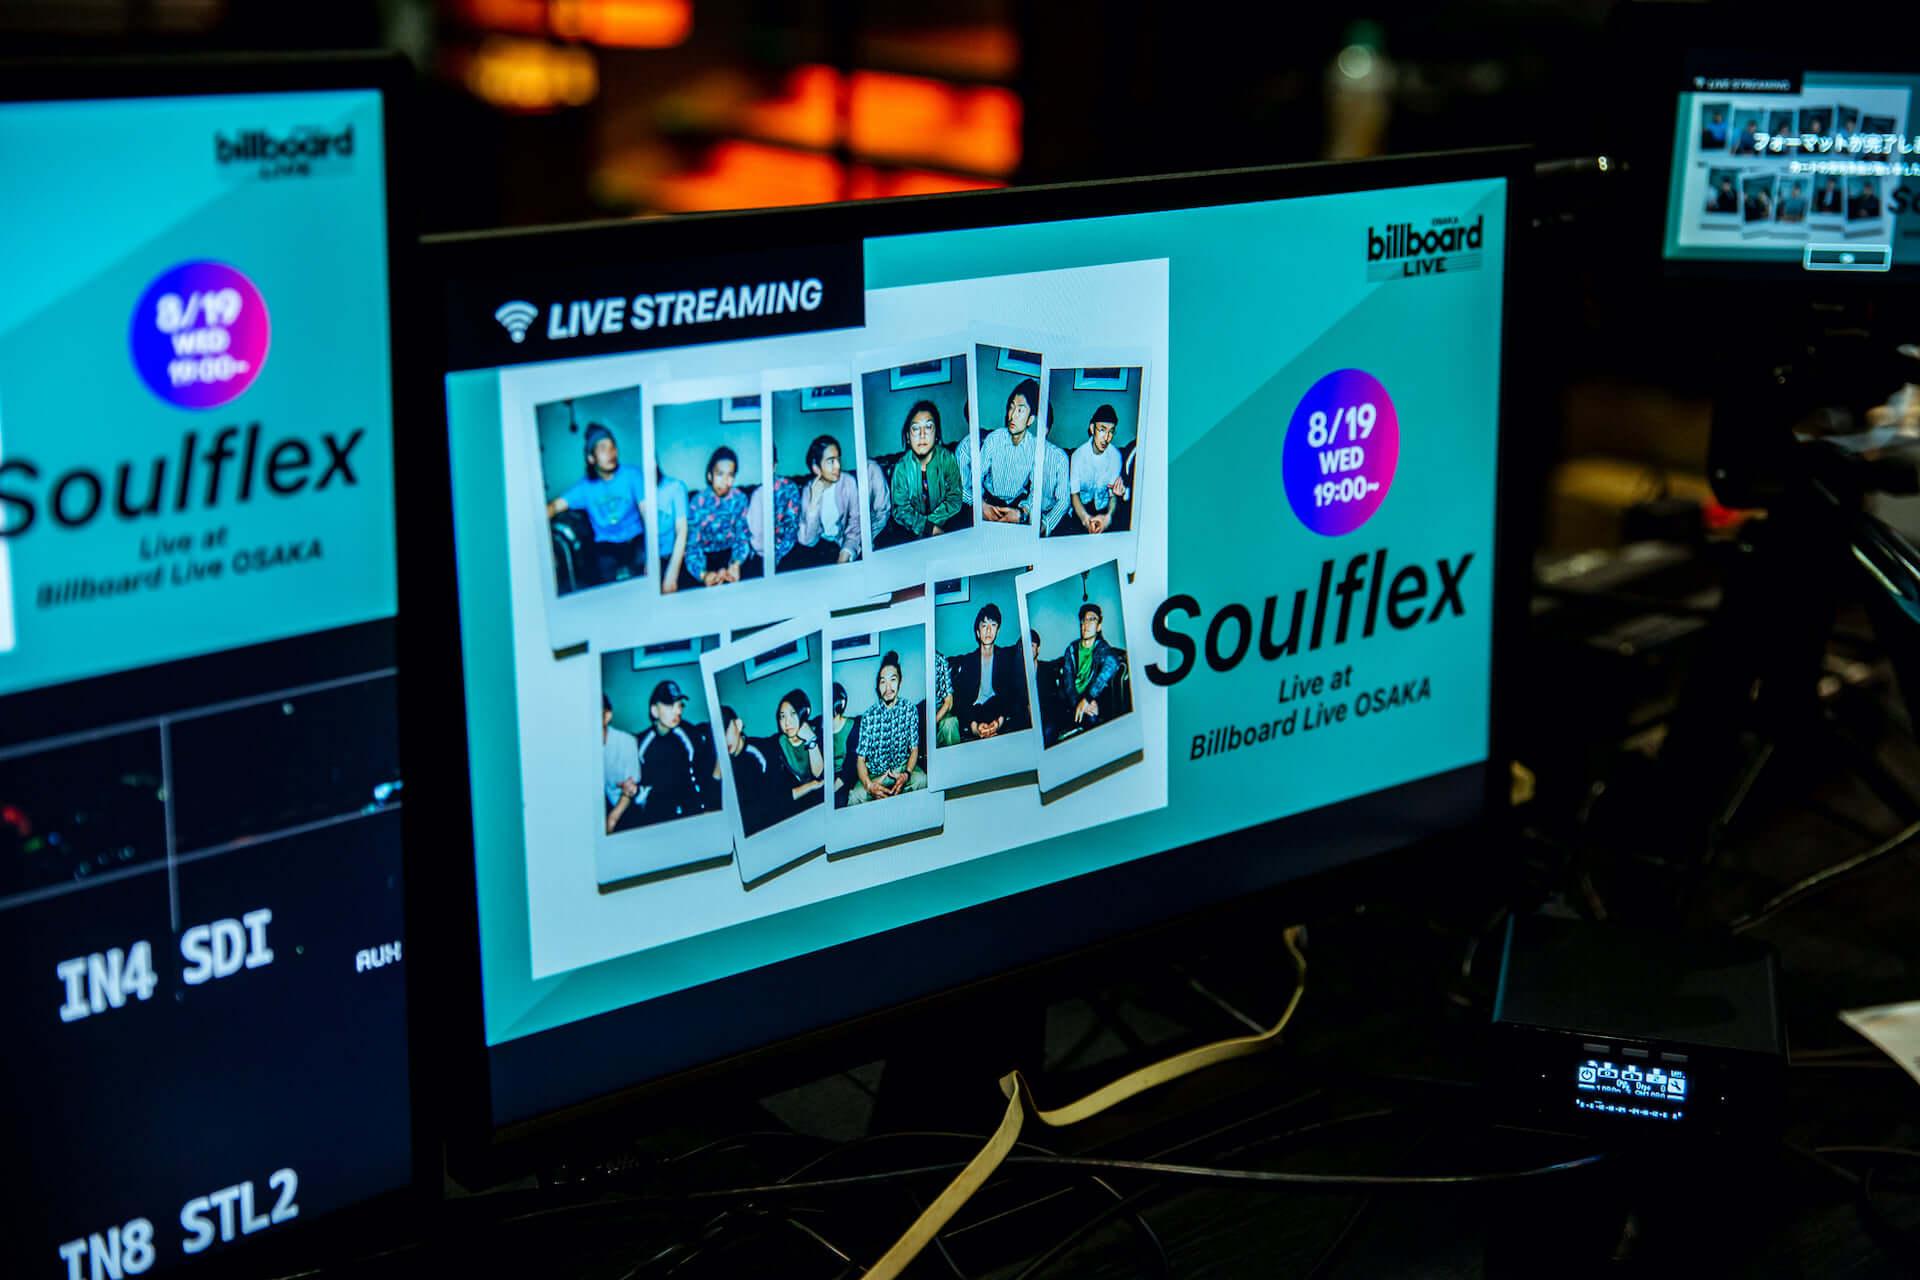 結成10周年を迎えたSoulflexがビルボードライブ大阪からキャリア初の生配信ライブを敢行!ライブレポートが到着 music2000825_soulflex-livereport_19-1920x1280